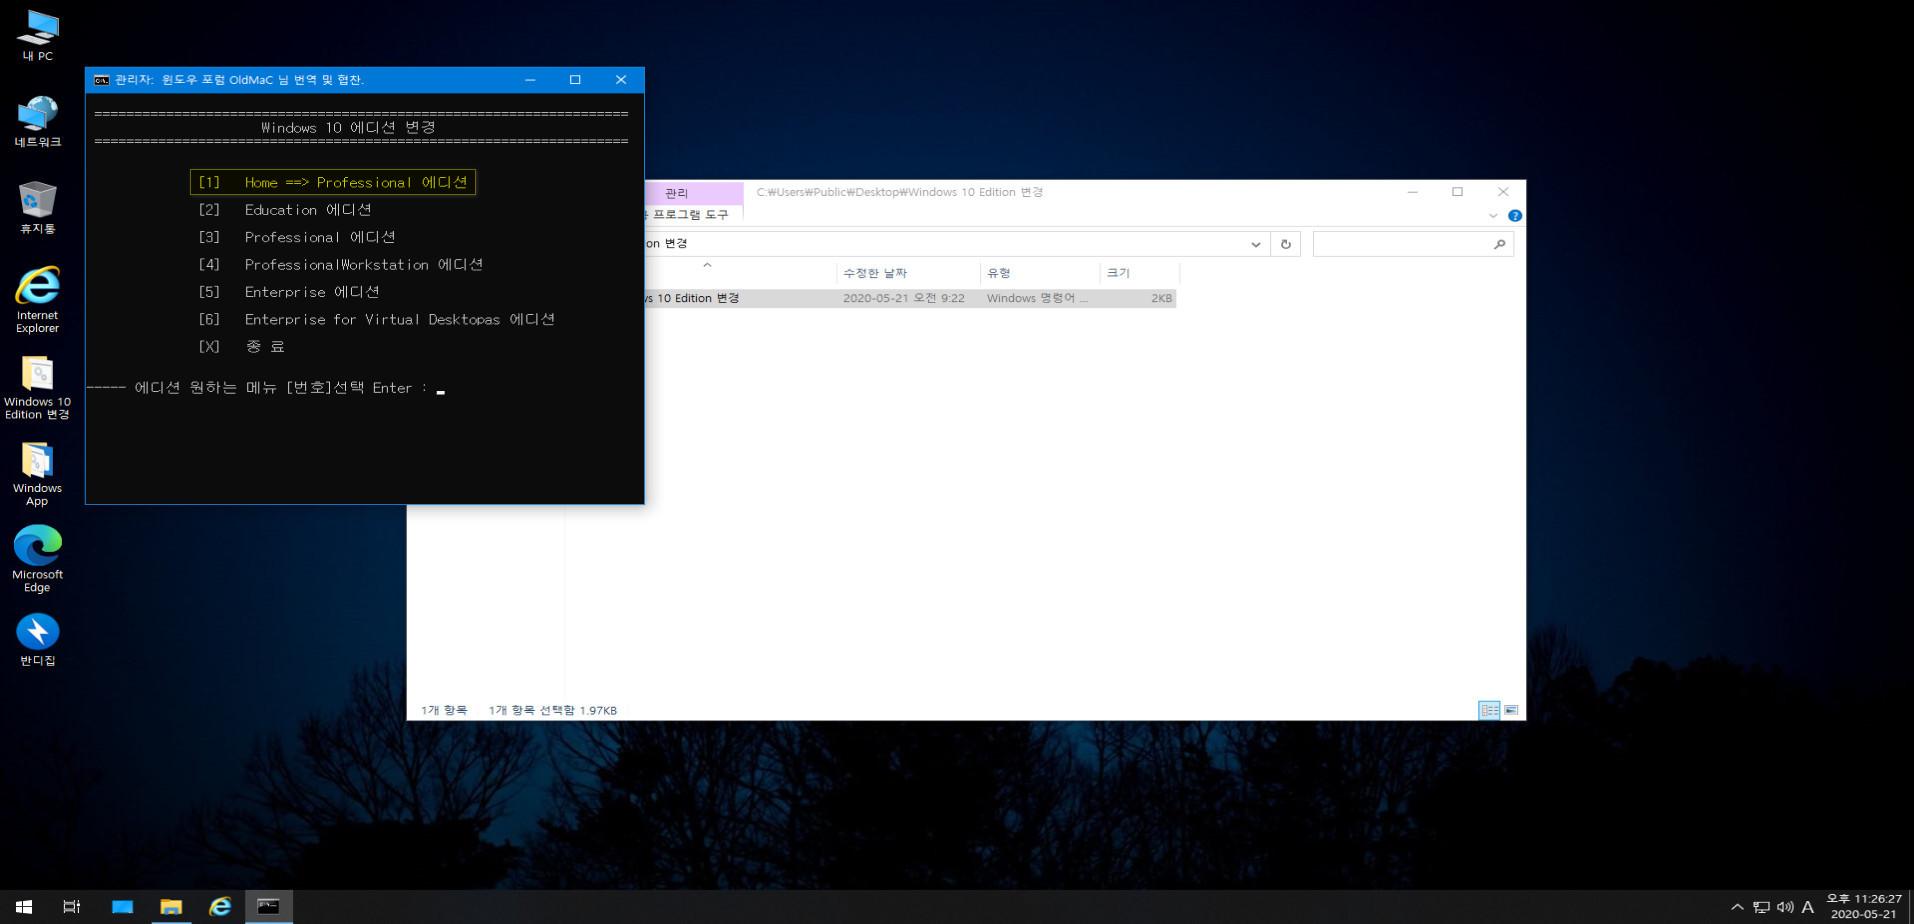 Windows10 Home 19H2 X64_0005-01.jpg